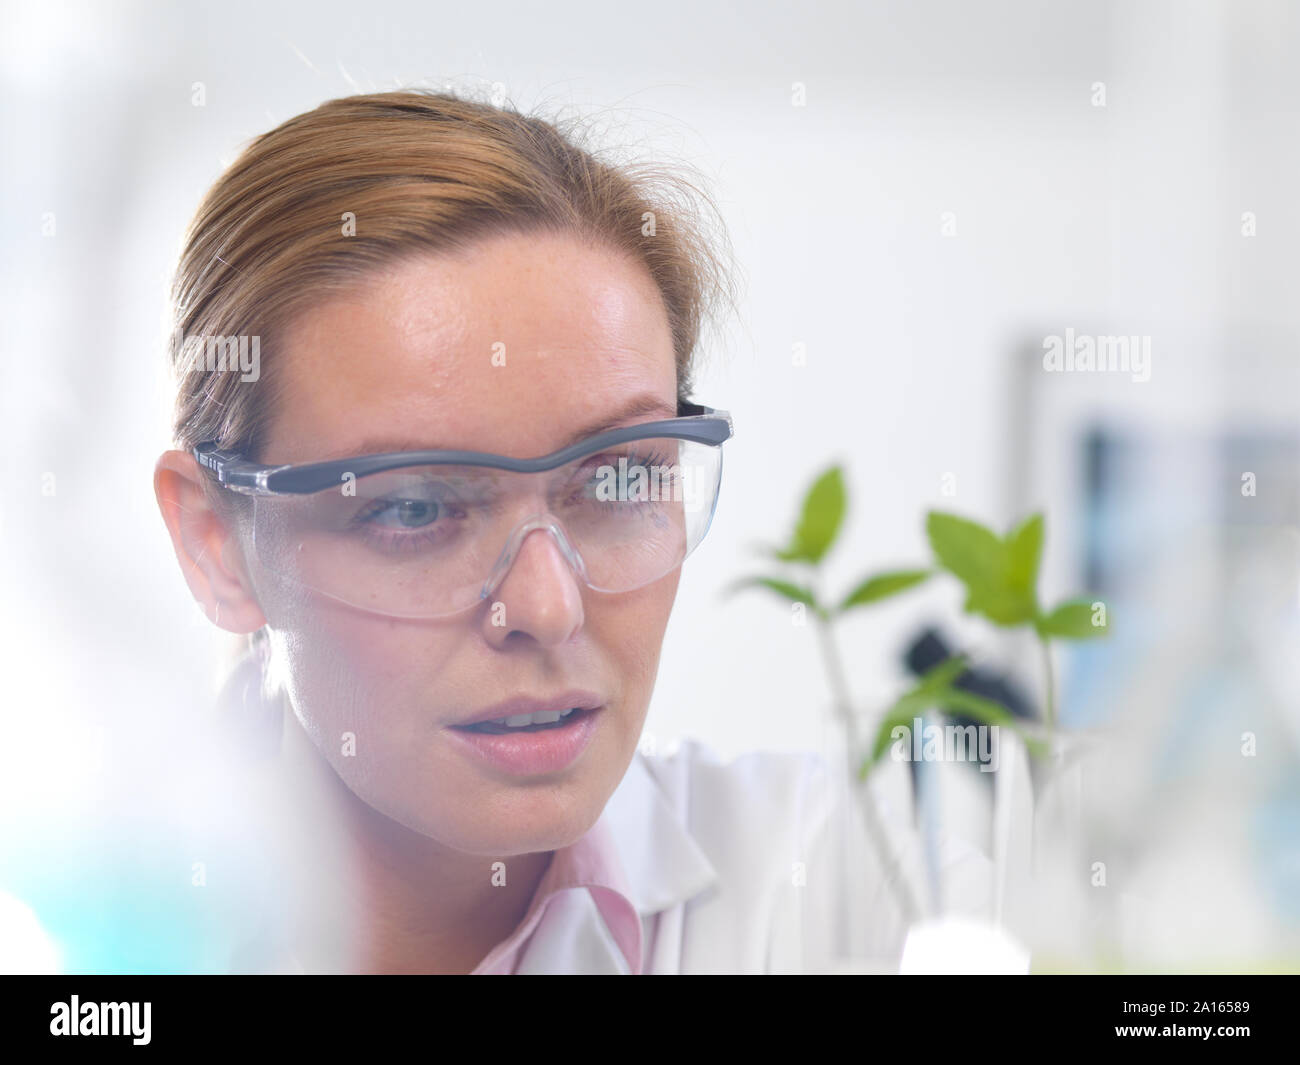 La biotecnología vegetal, el científico creciente varias cepas de planta desarrolle resistencia a enfermedades Foto de stock